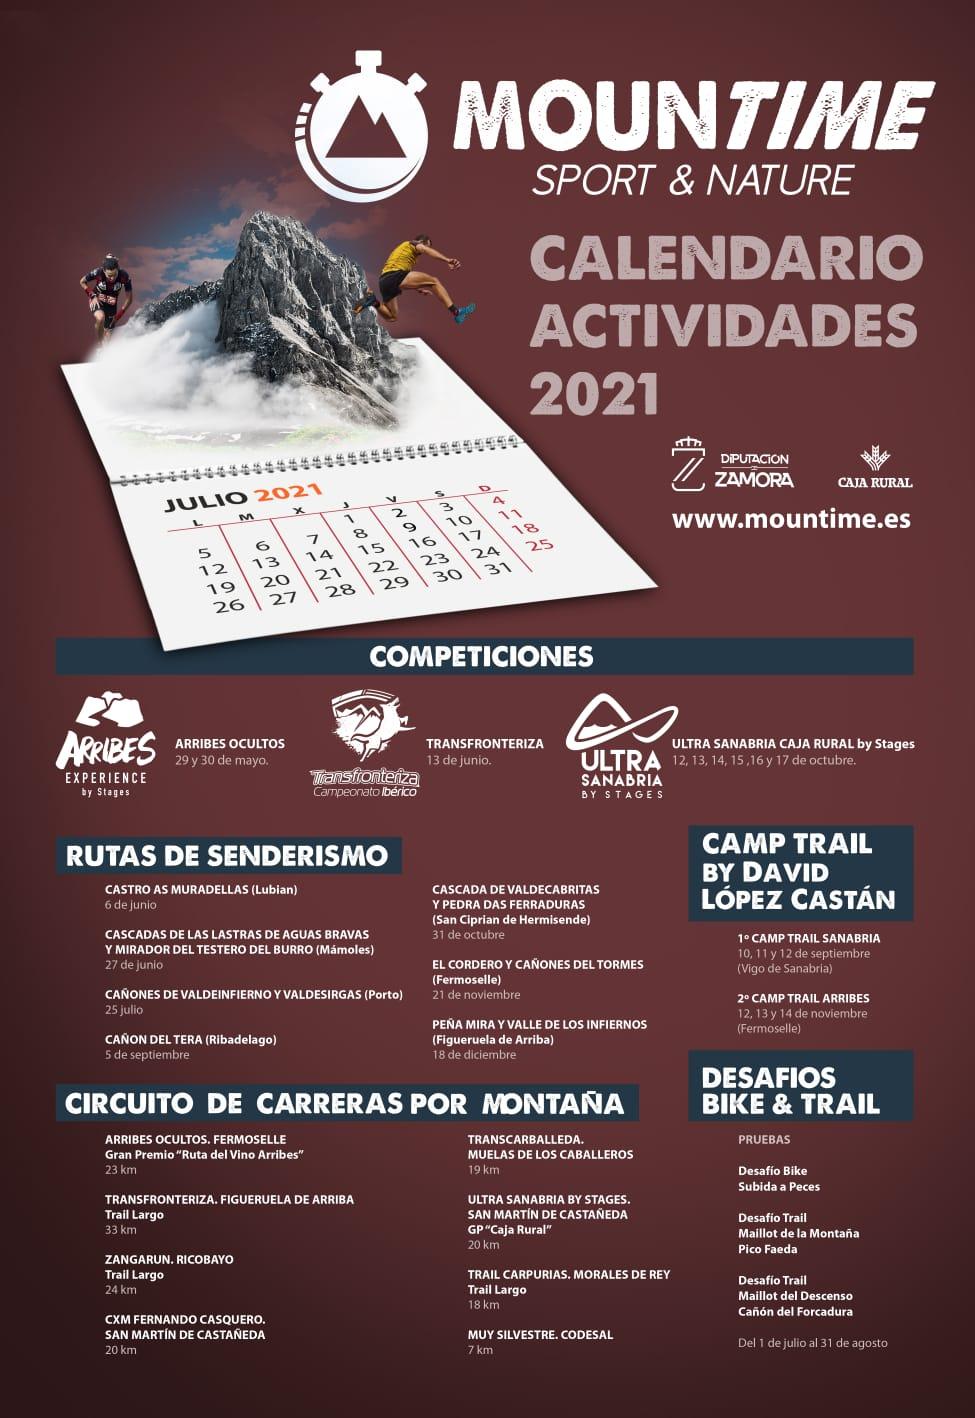 Programa de Actividades Mountime - Calendario 2021